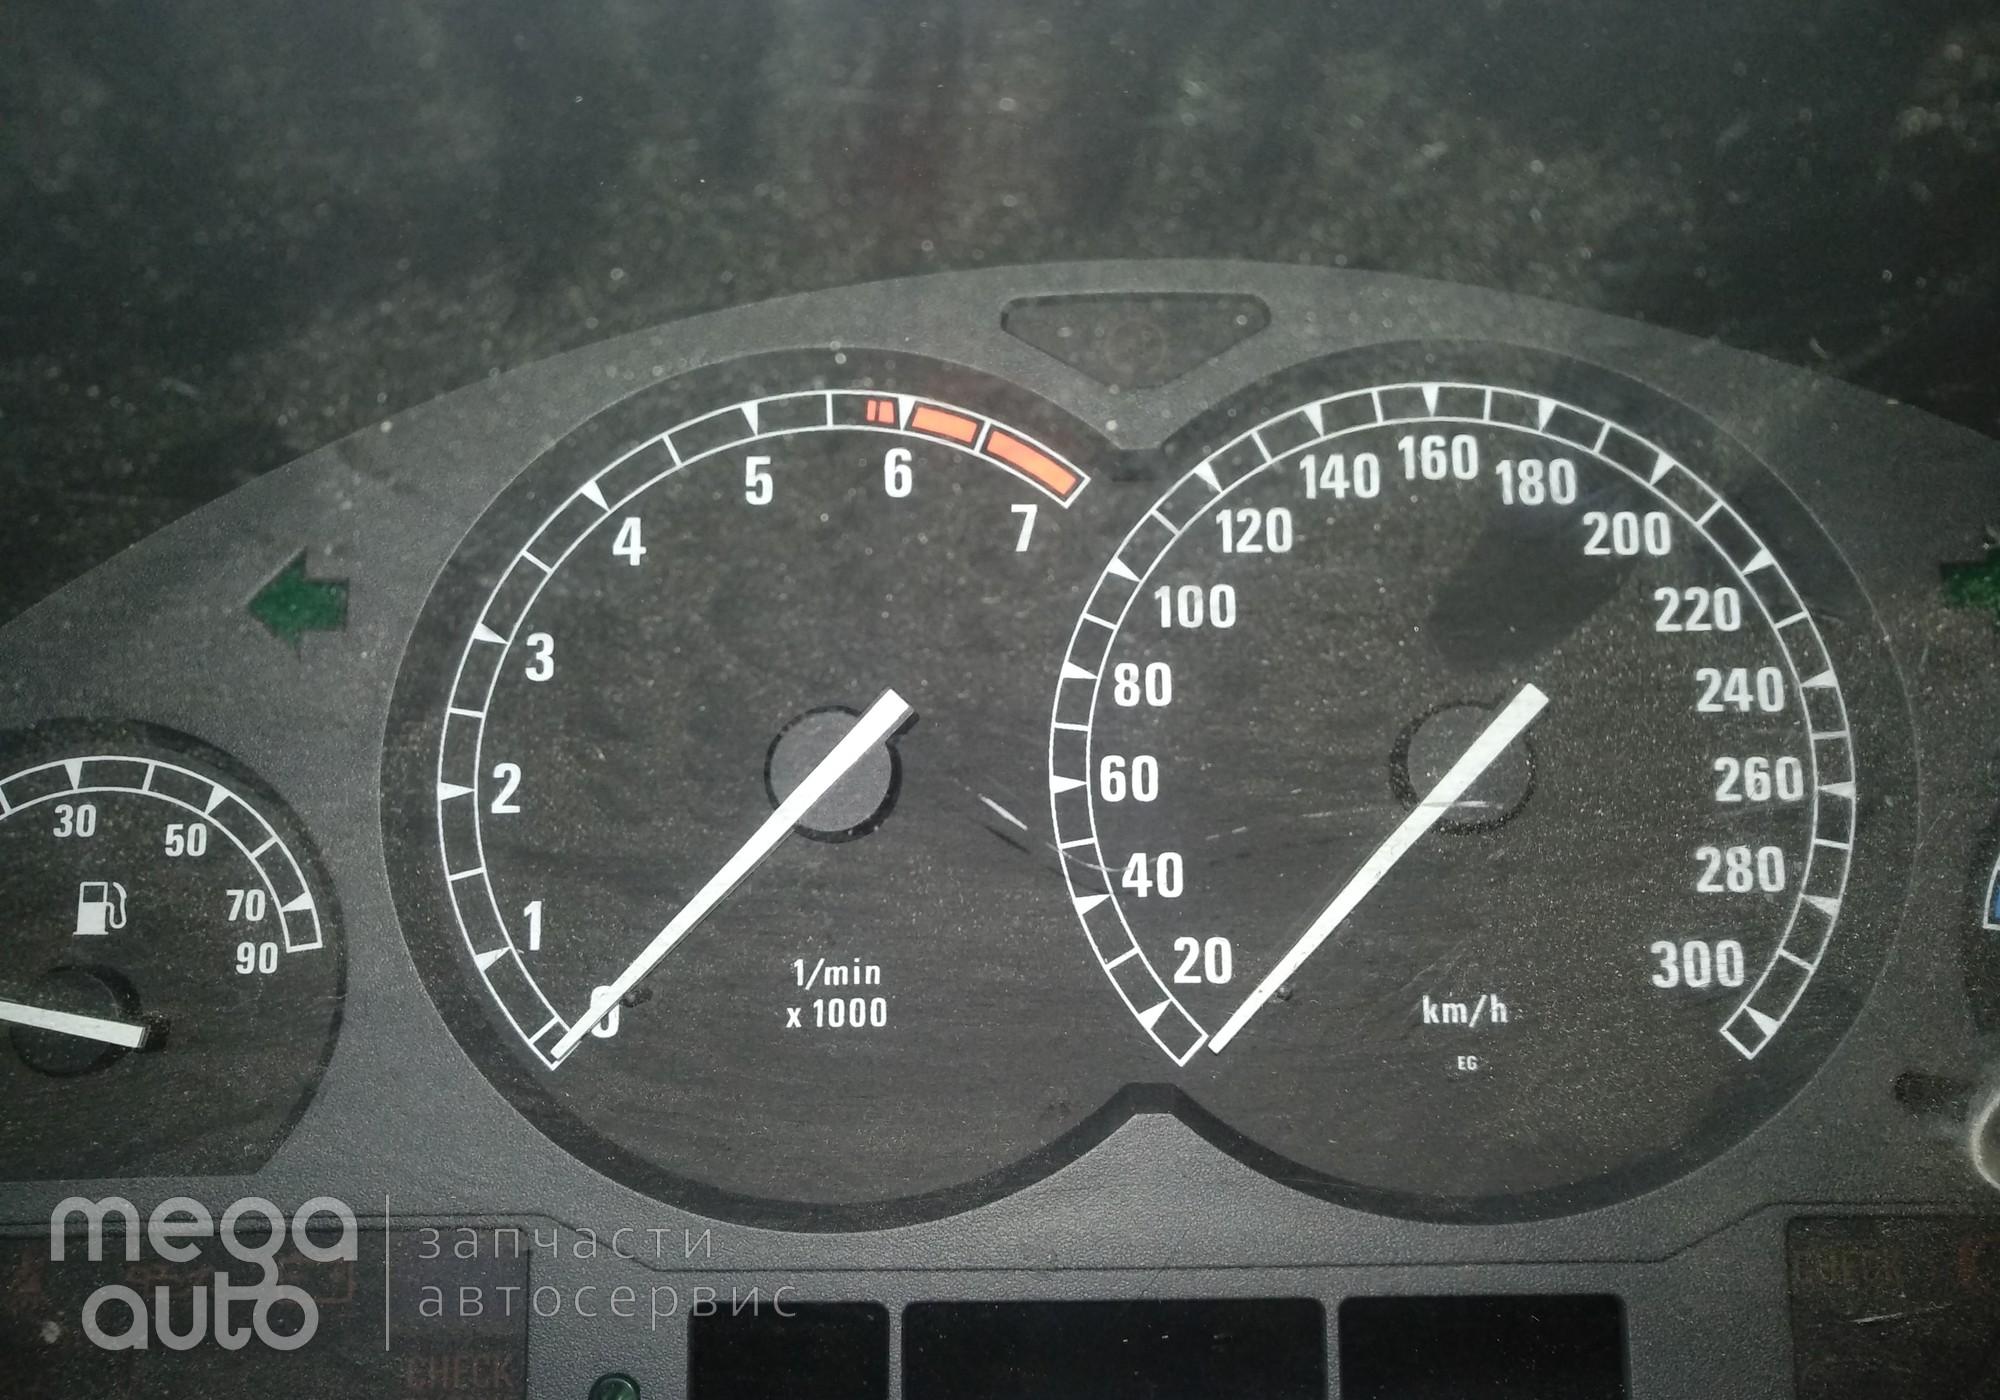 62111383023 Панель приборов бмв 850 5.0 для BMW 8 (с 1990 по 1999)